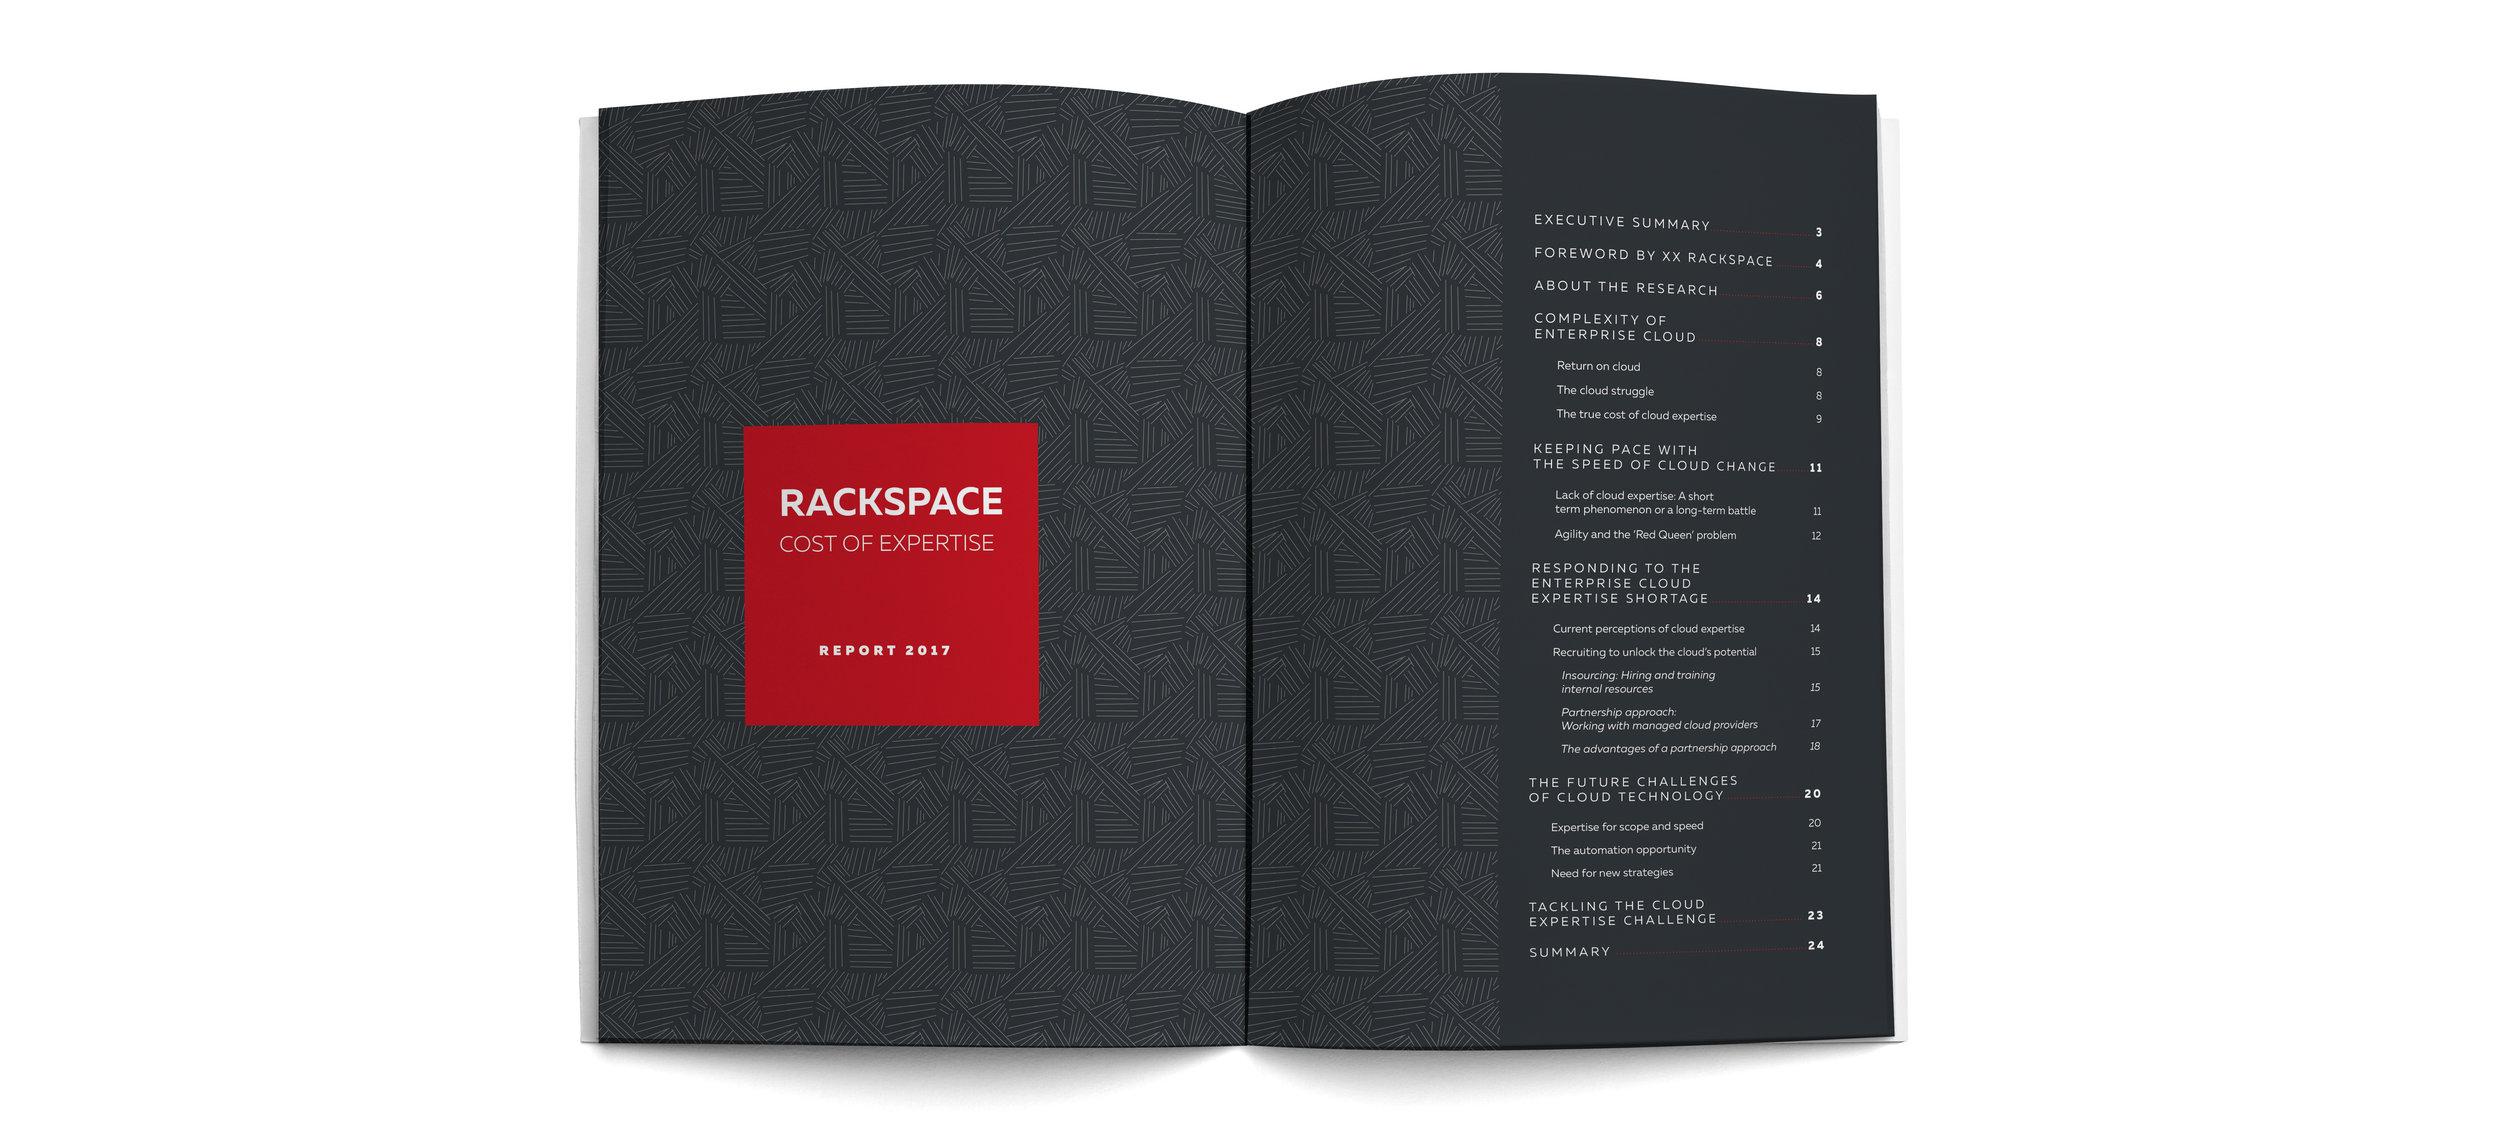 RackspaceSpread.jpg